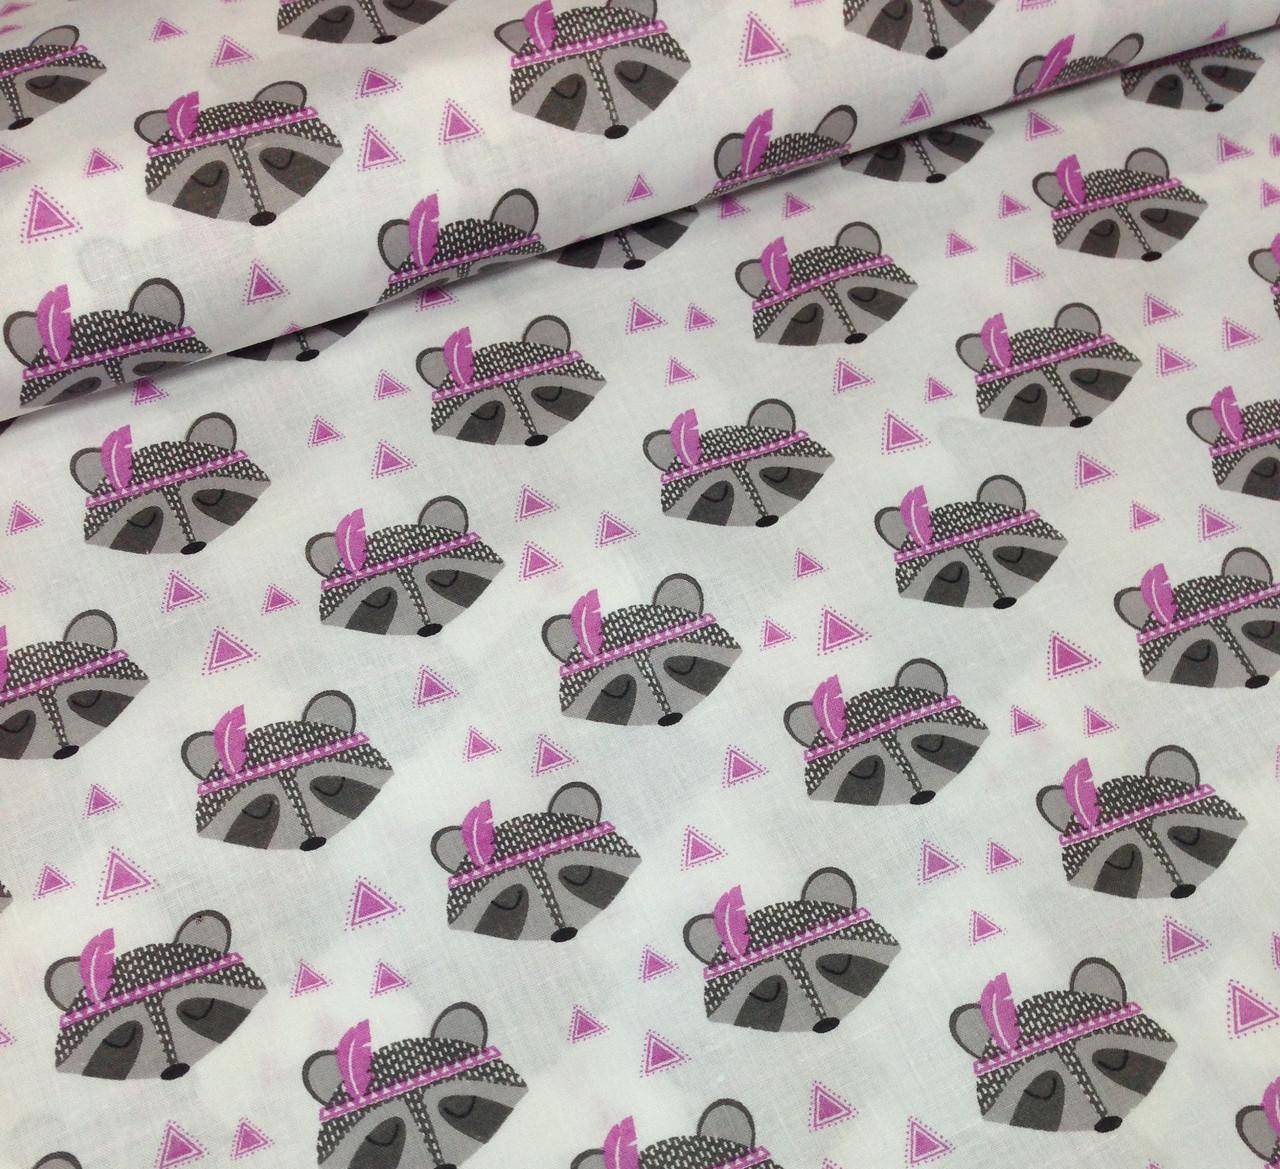 Хлопковая ткань польская еноты серые с фиолетовыми перьями и треугольниками №351